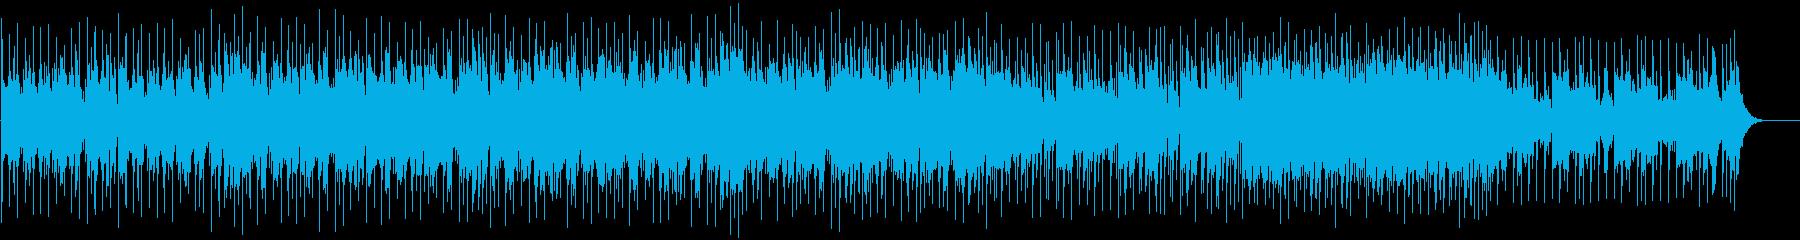 【CoolでFunkな曲調】の再生済みの波形